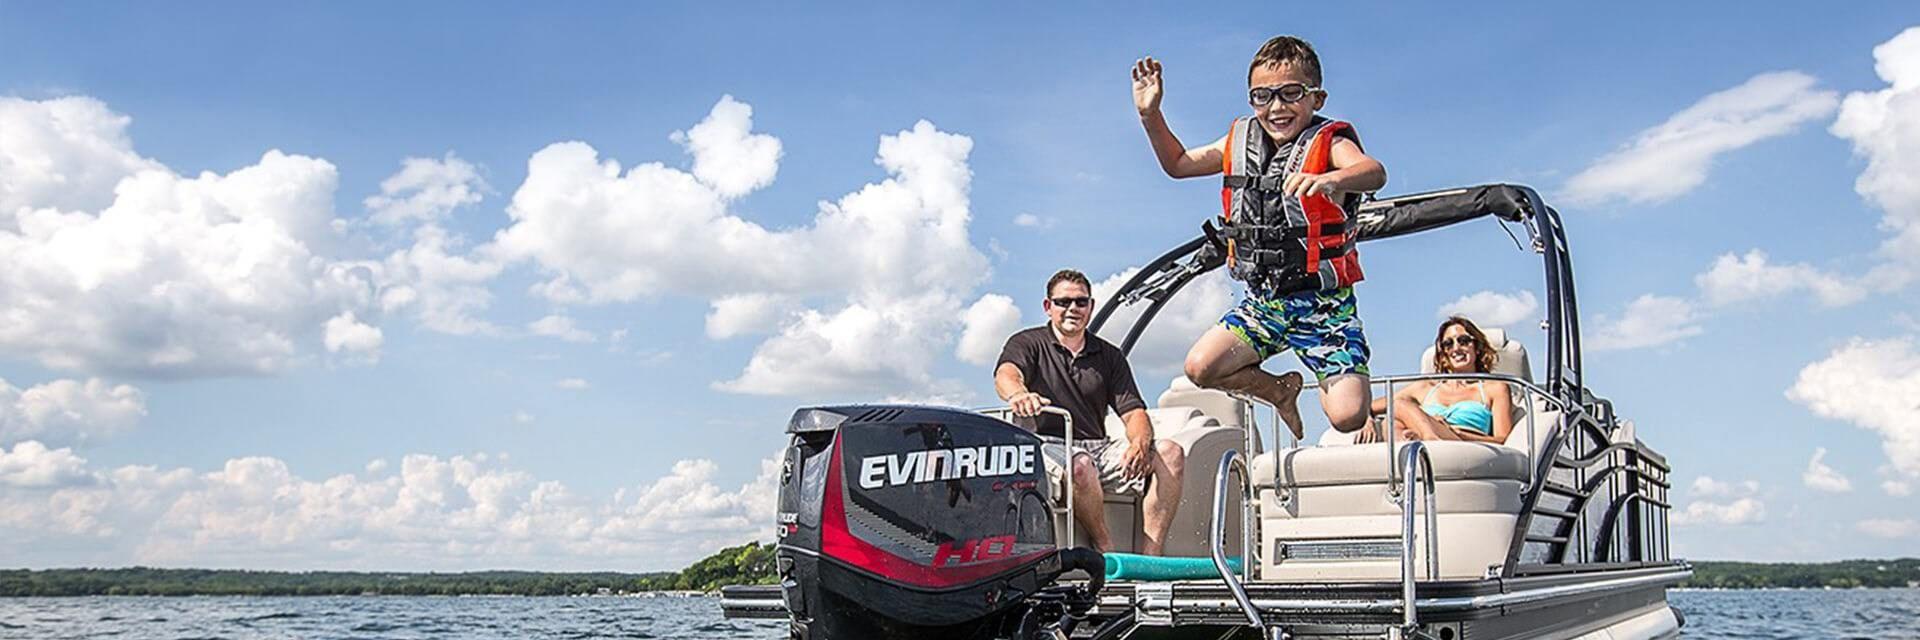 Sierra Sport & Marine in Spark, NV  Shop our large online